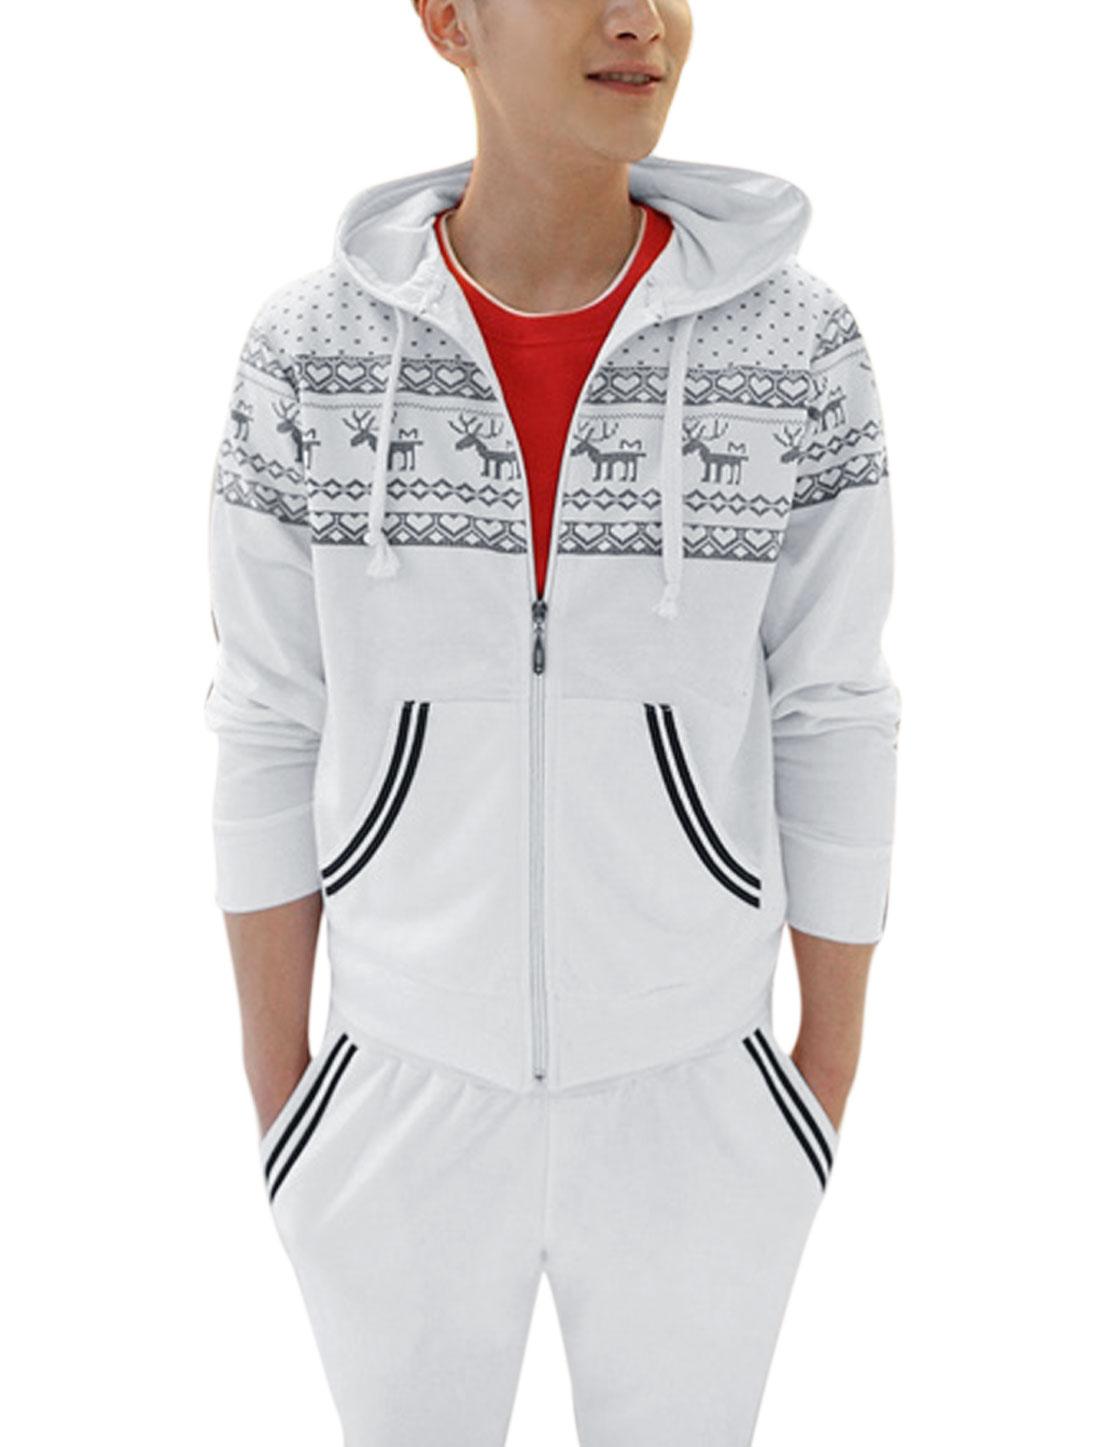 Men Deer Printed Hearts Printed Hooded Jacket w Drawstring Pants White M